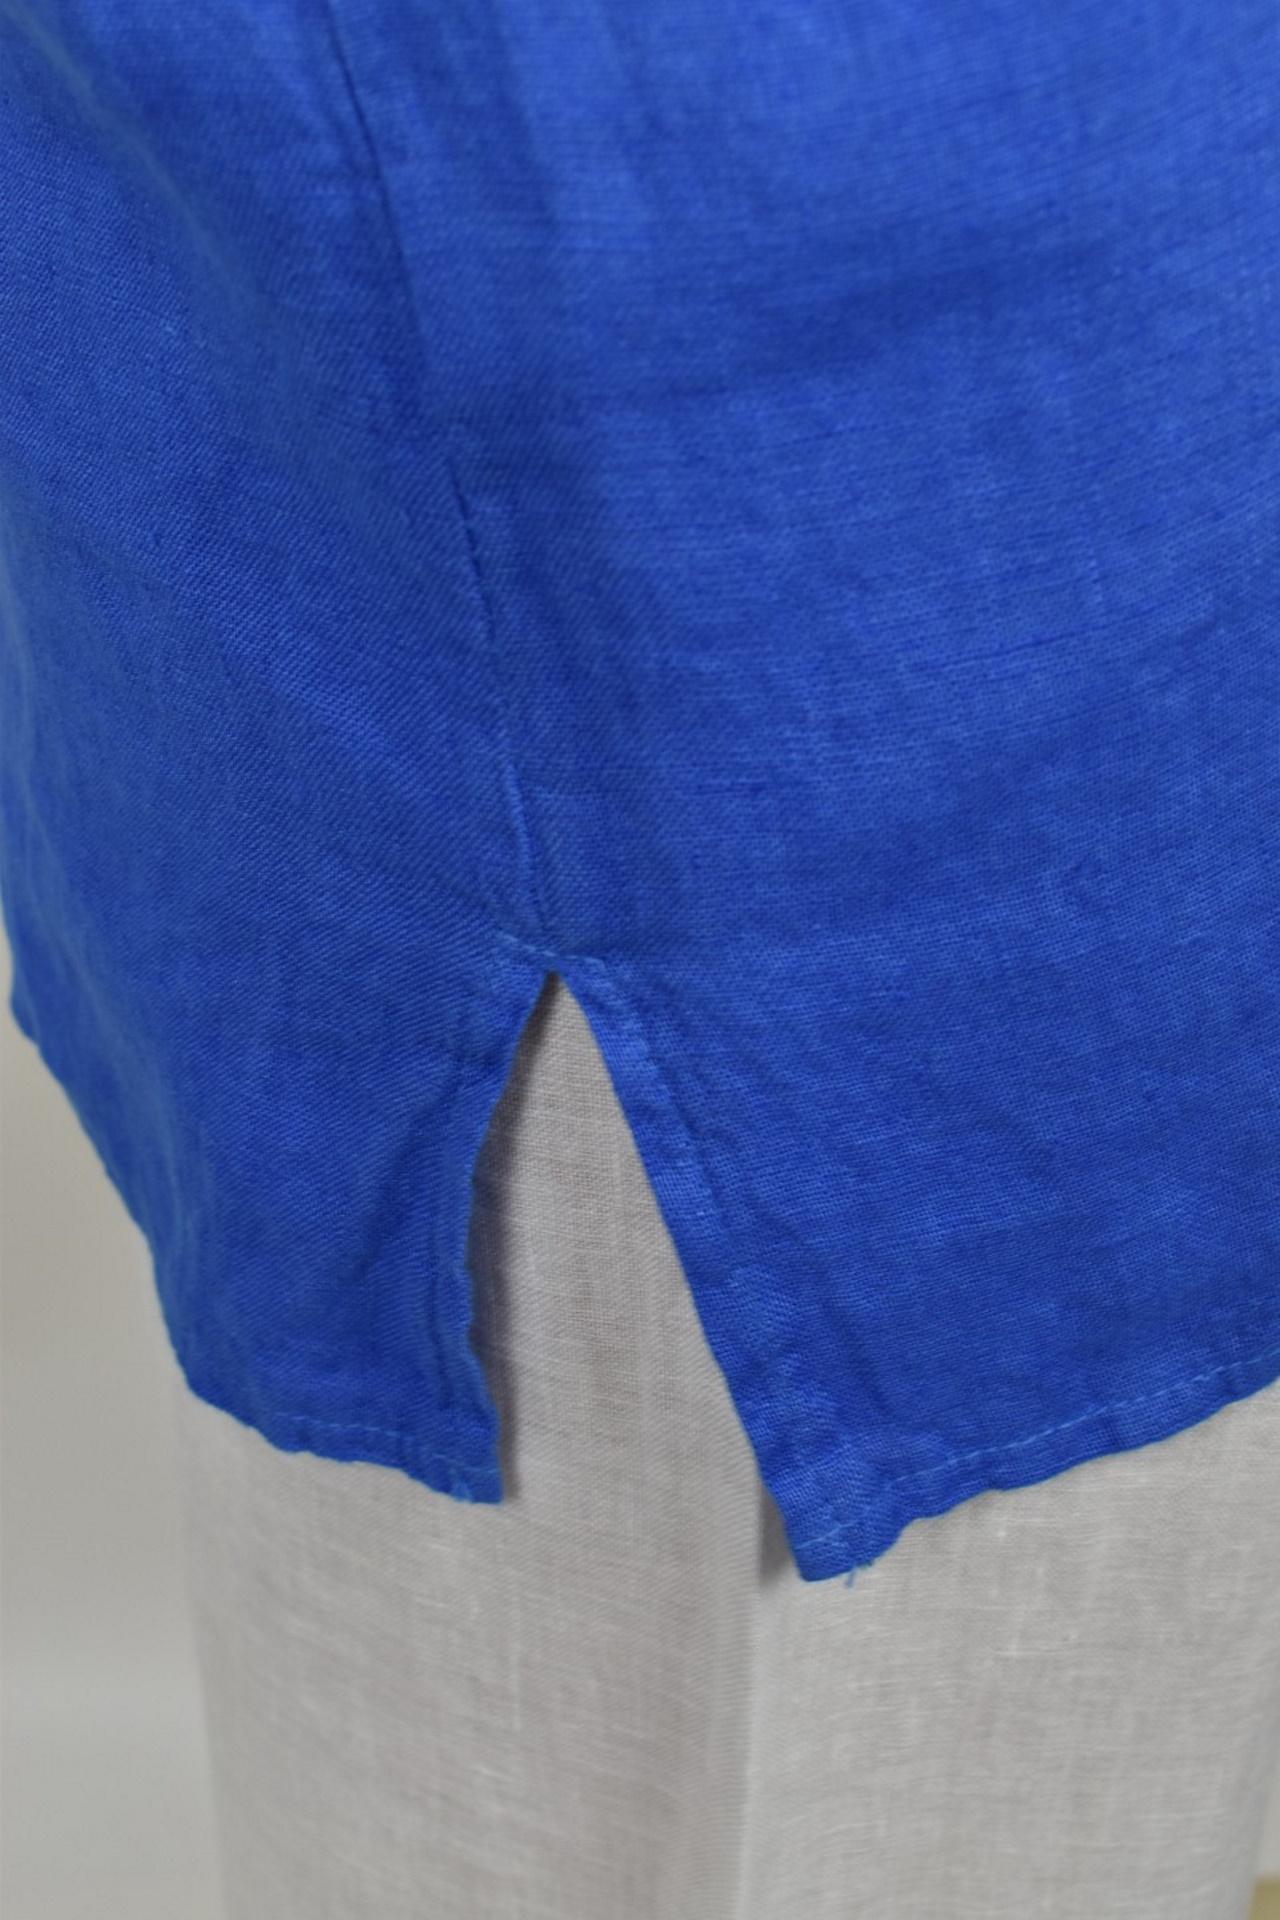 MAGMAXPE2101 BLUETTE MAGLIA DA DONNA GIROCOLLO CON MANICA A 34 100 LINO 3 1stAmerican maglia da donna girocollo con manica a 3/4 100% lino Made in Italy - t-shirt manica corta da donna mare in lino